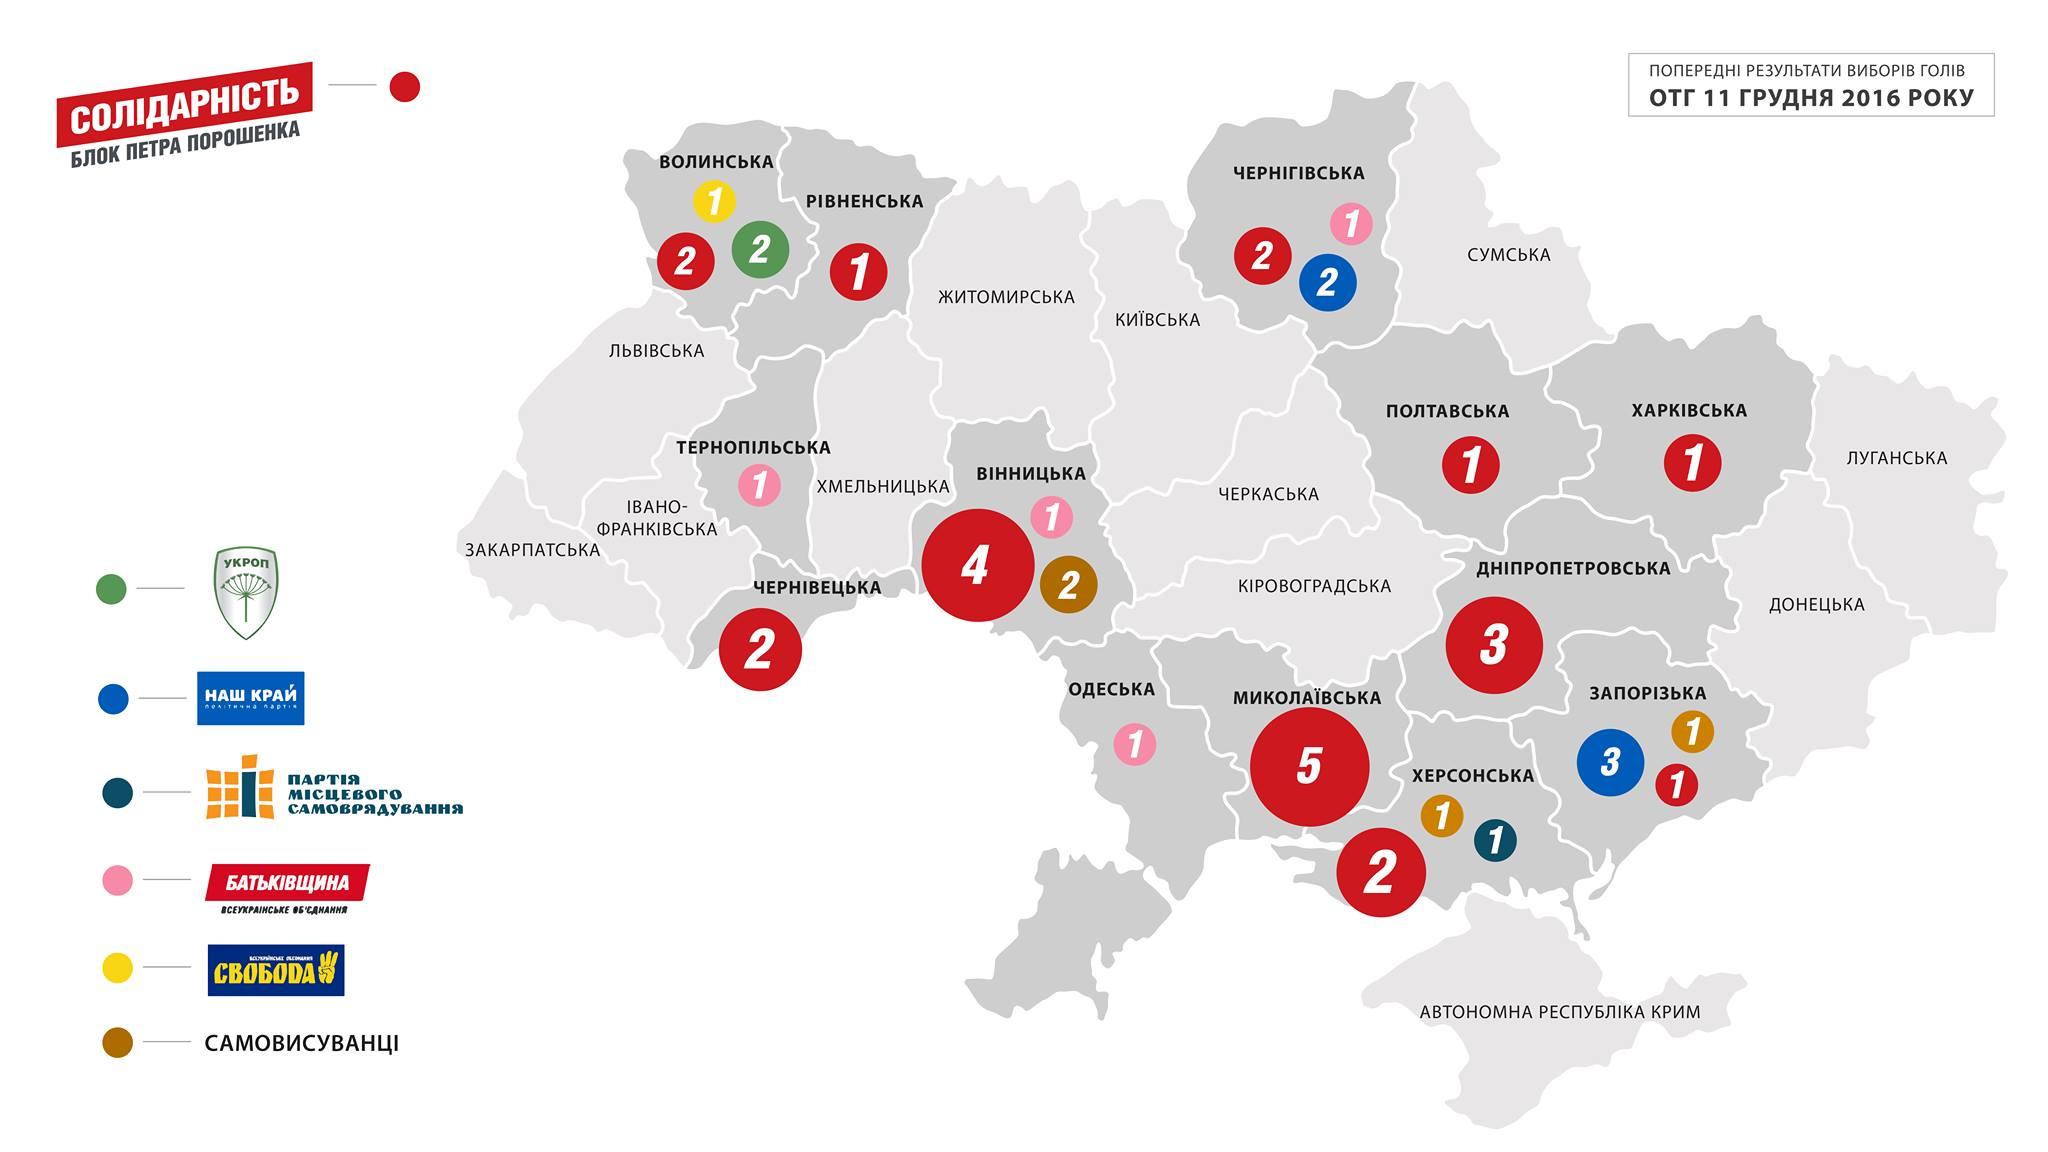 Навыборах вобъединенной территориальной громаде наХарьковщине победили выдвиженцы БПП